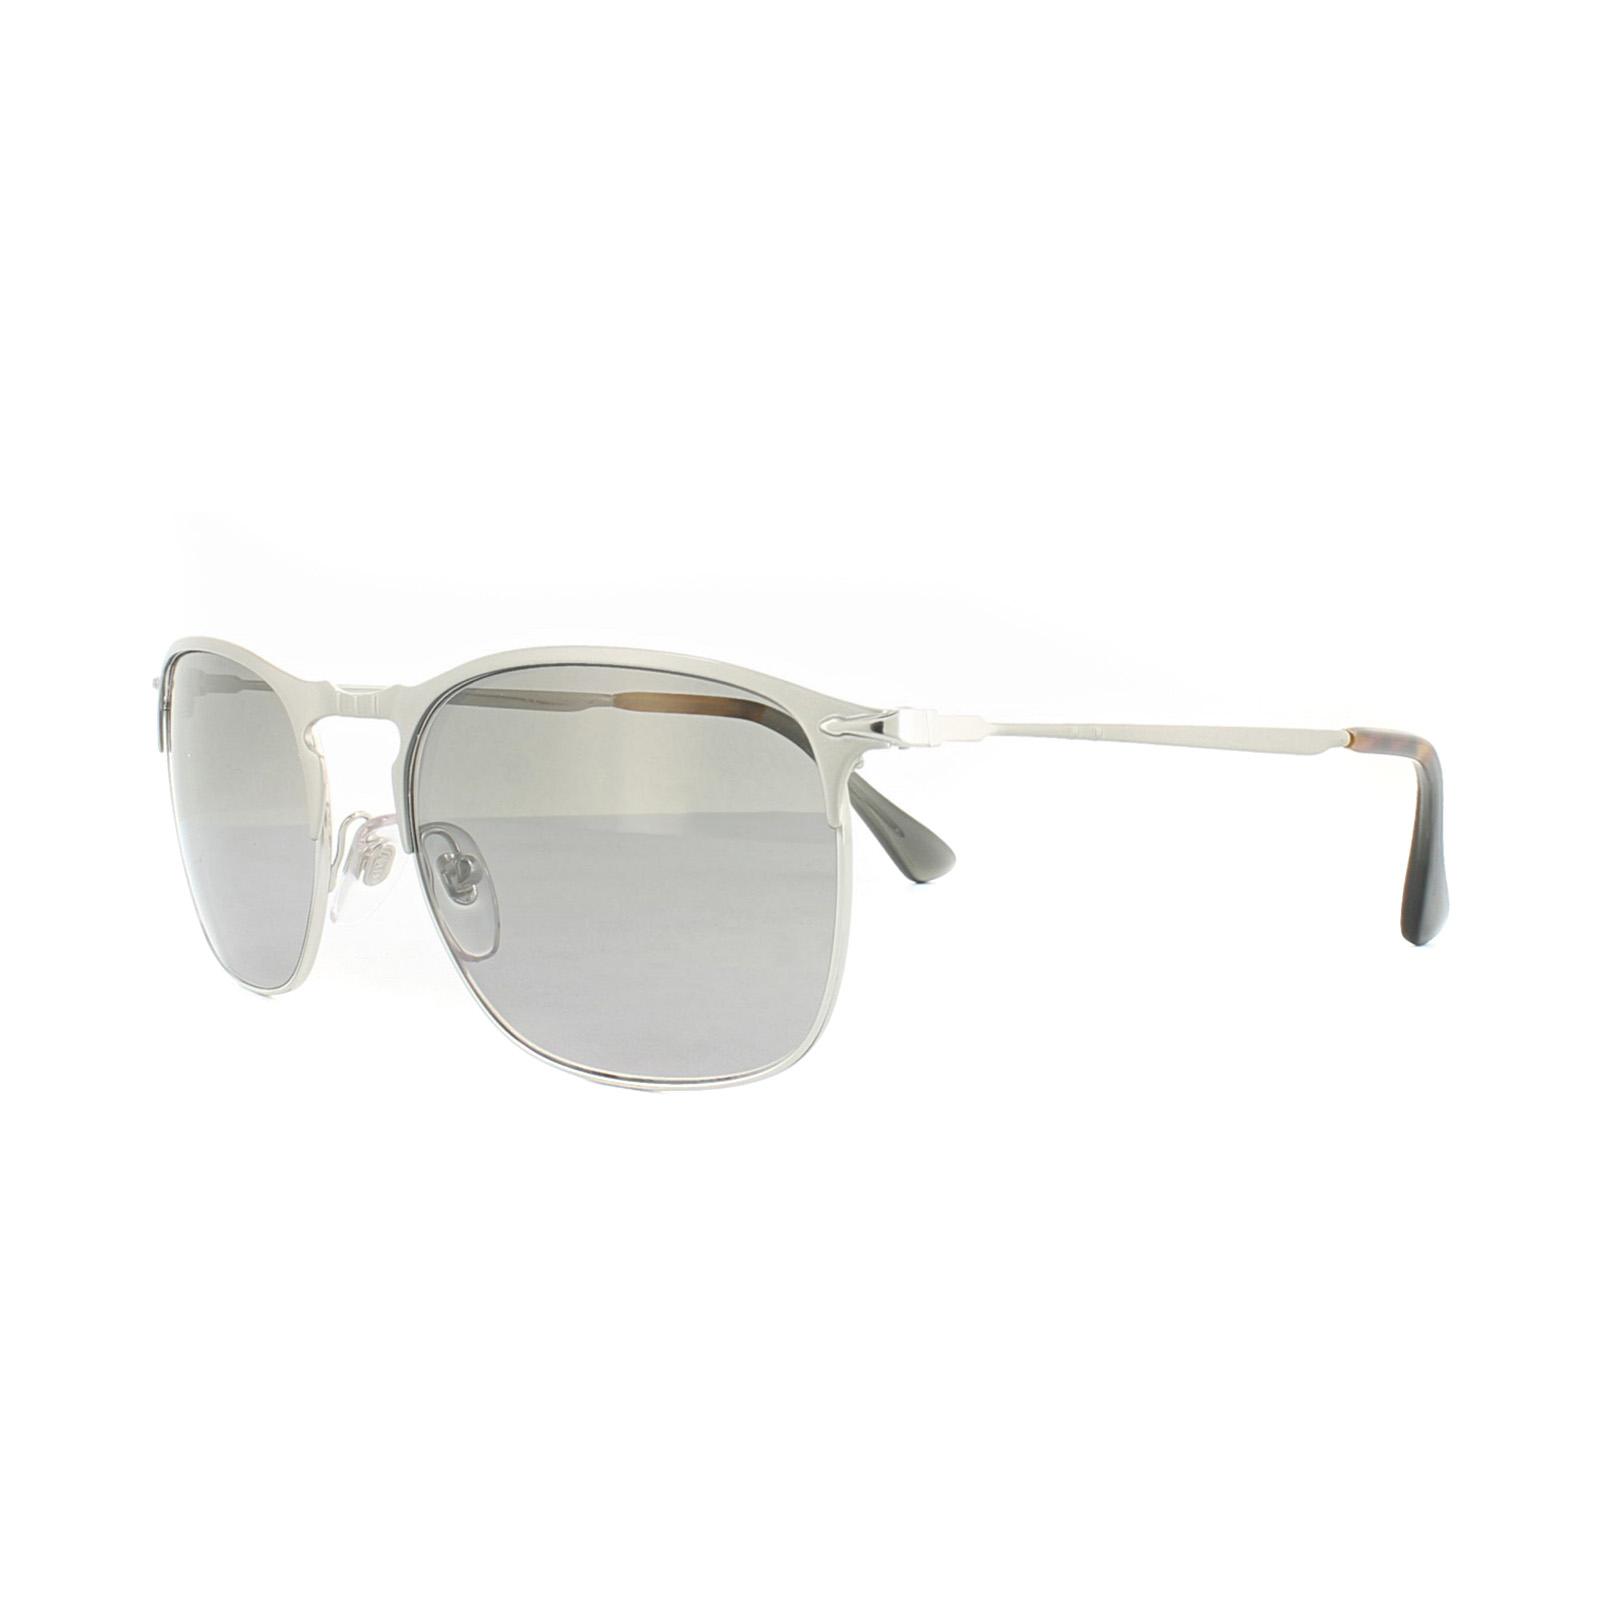 71595f2a0d2 Sentinel Persol Sunglasses 7359S 1068M3 Silver Green Gradient Polarized